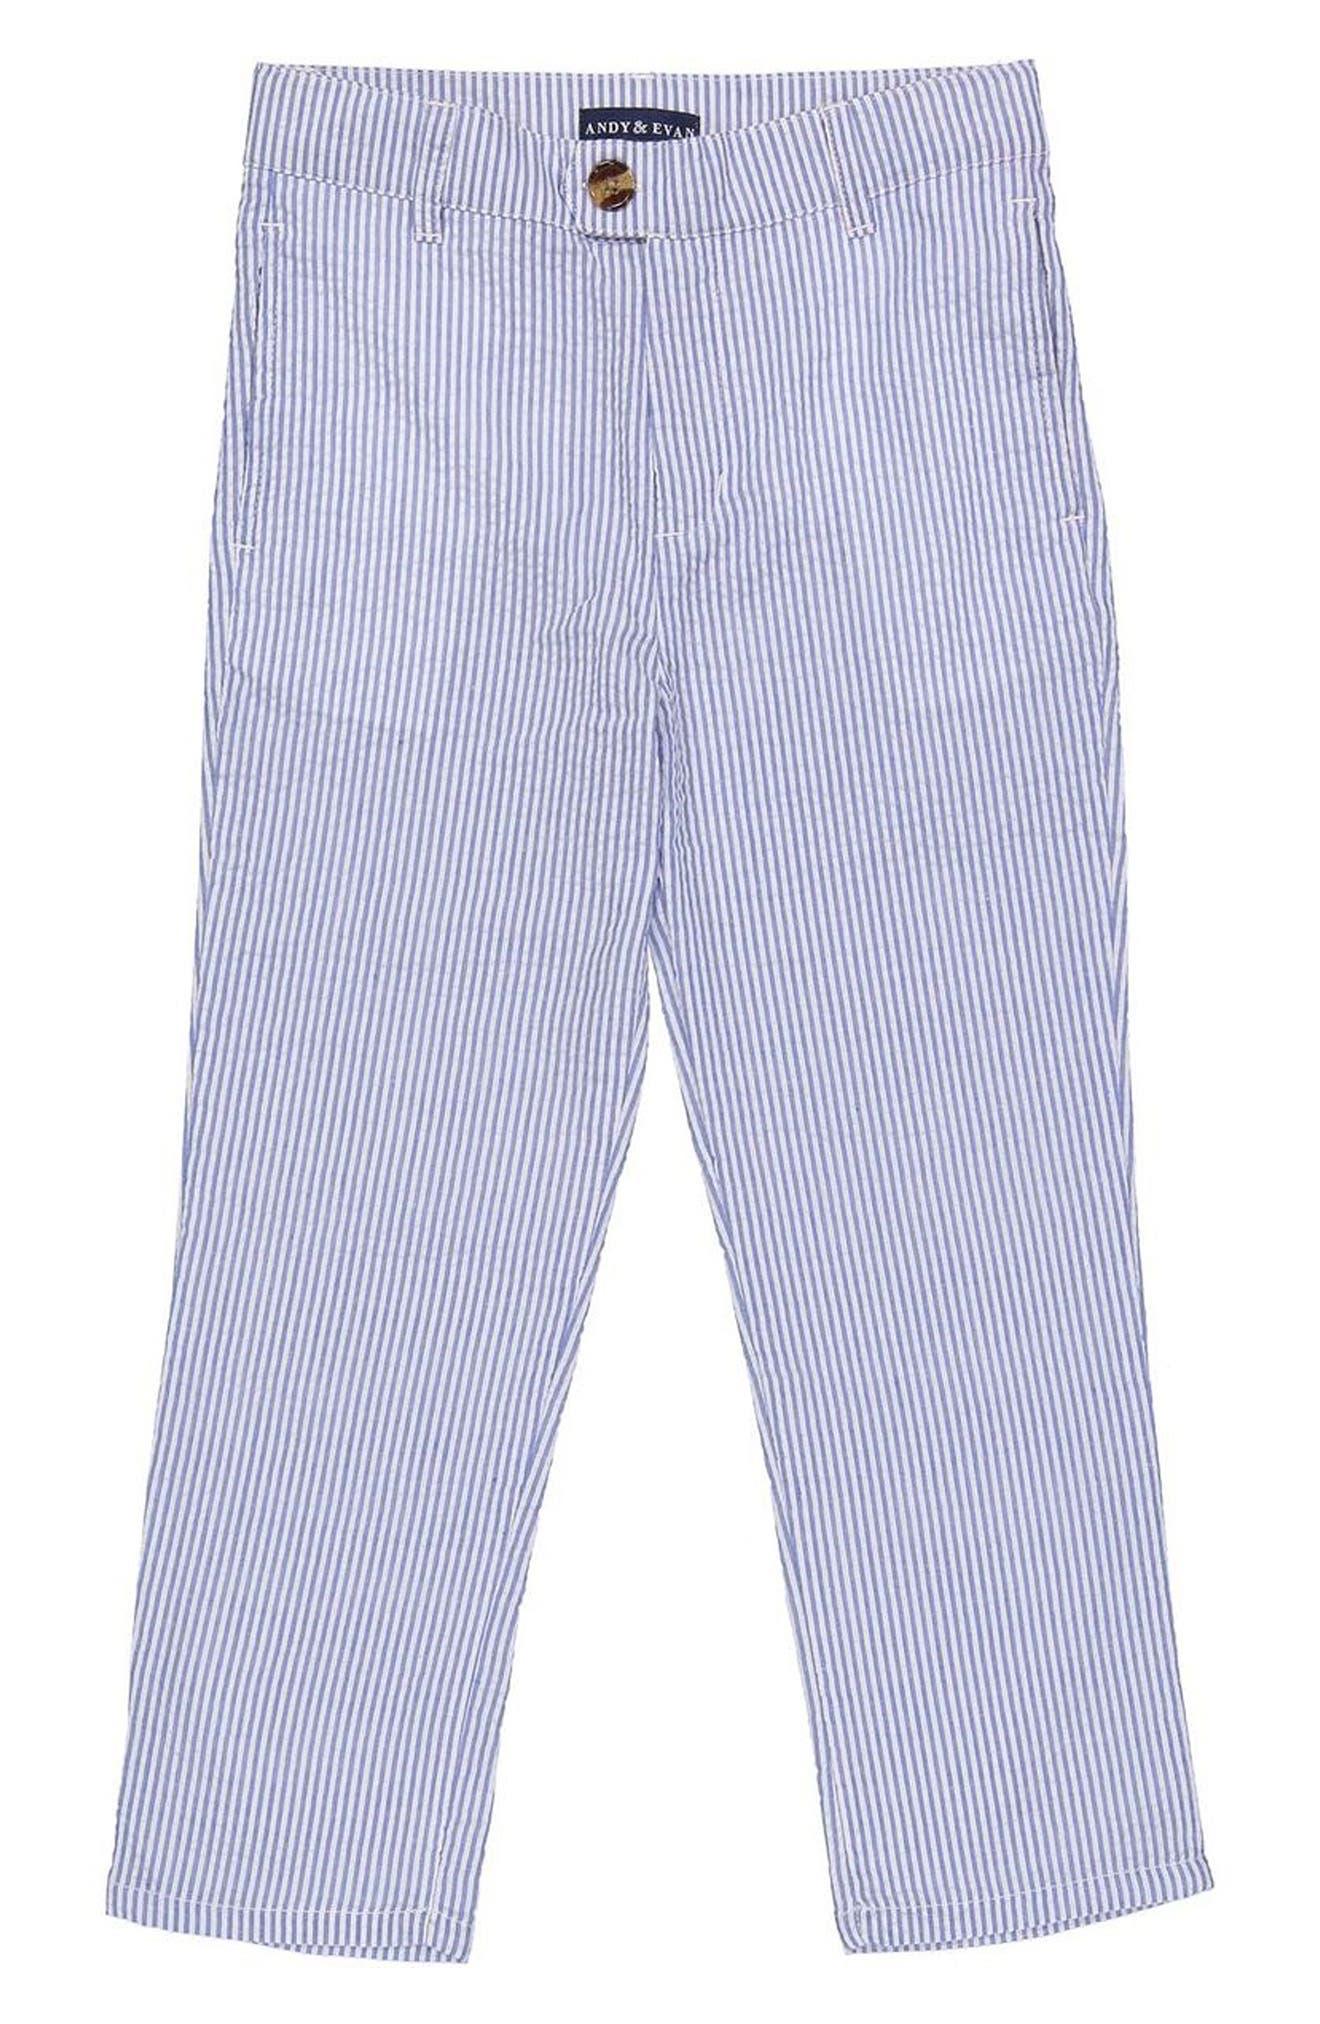 Seersucker Suit Pants,                             Main thumbnail 1, color,